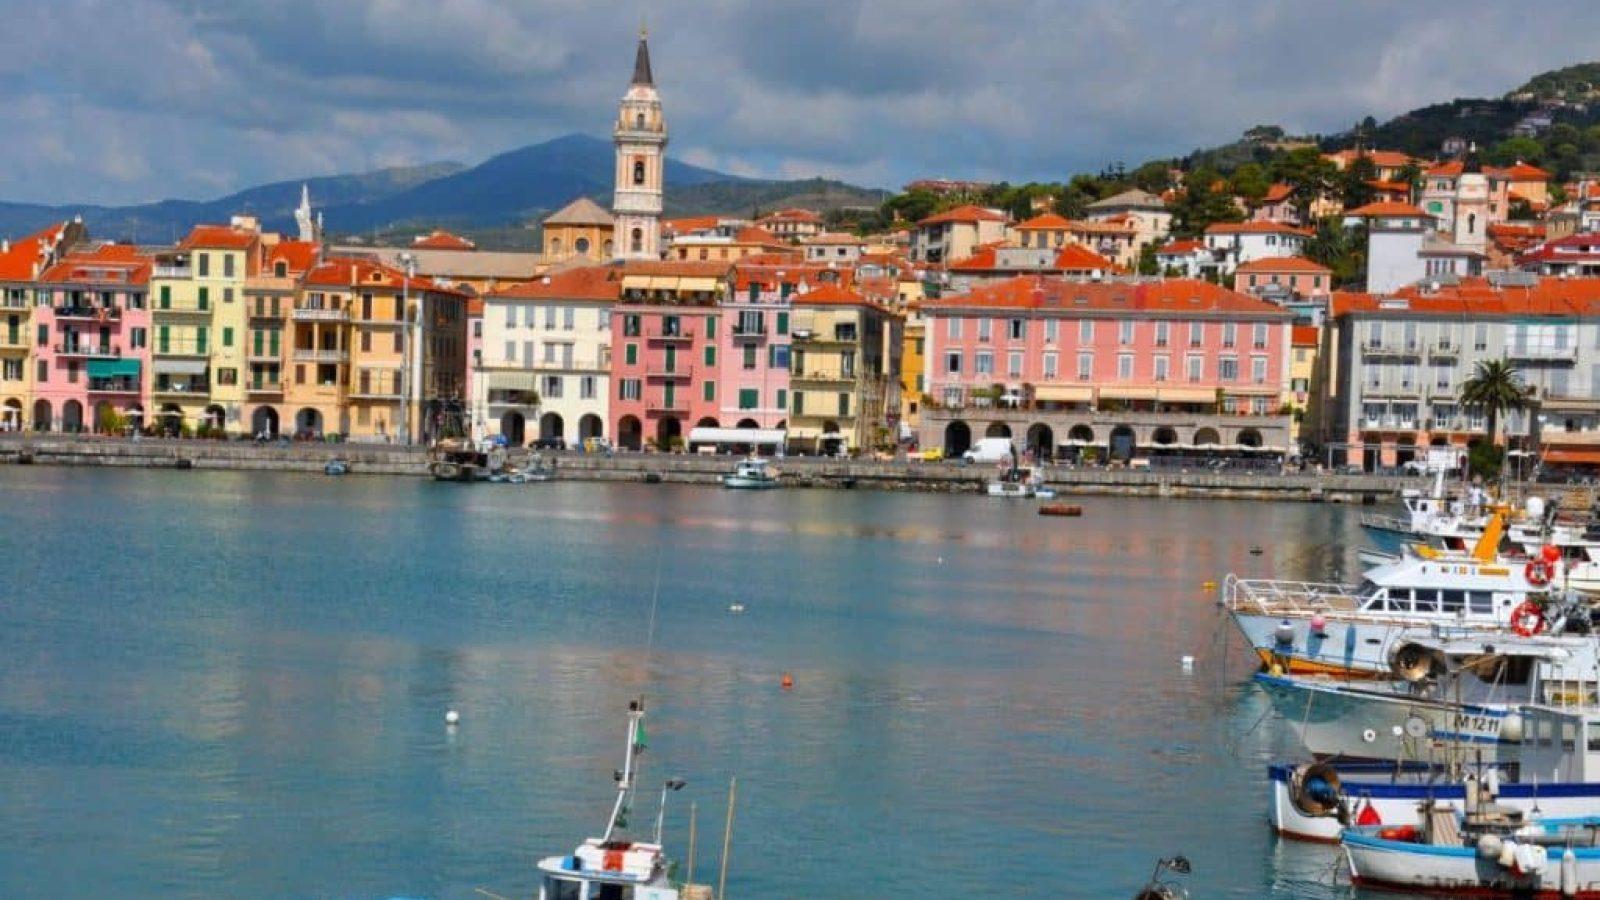 Blick auf den leeren Hafen von Oneglia